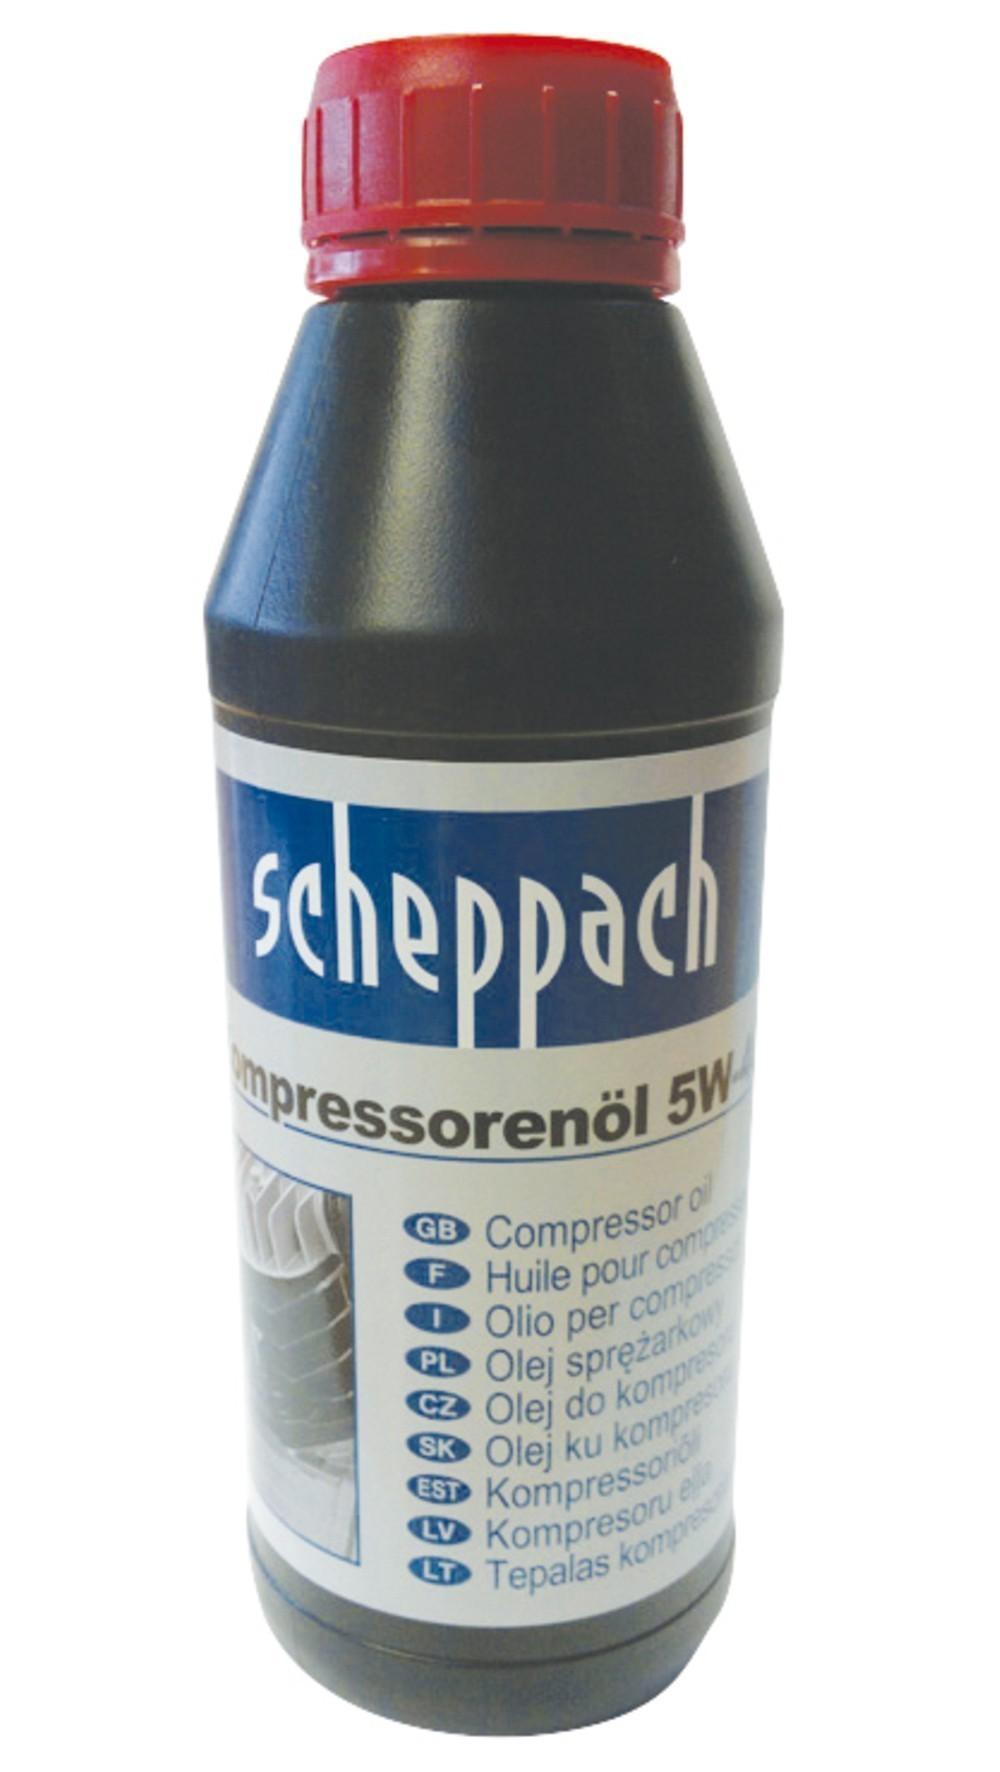 Scheppach Kompressorenöl Ultra Performance Longlife SAE 5W-40 500ml Bild 1